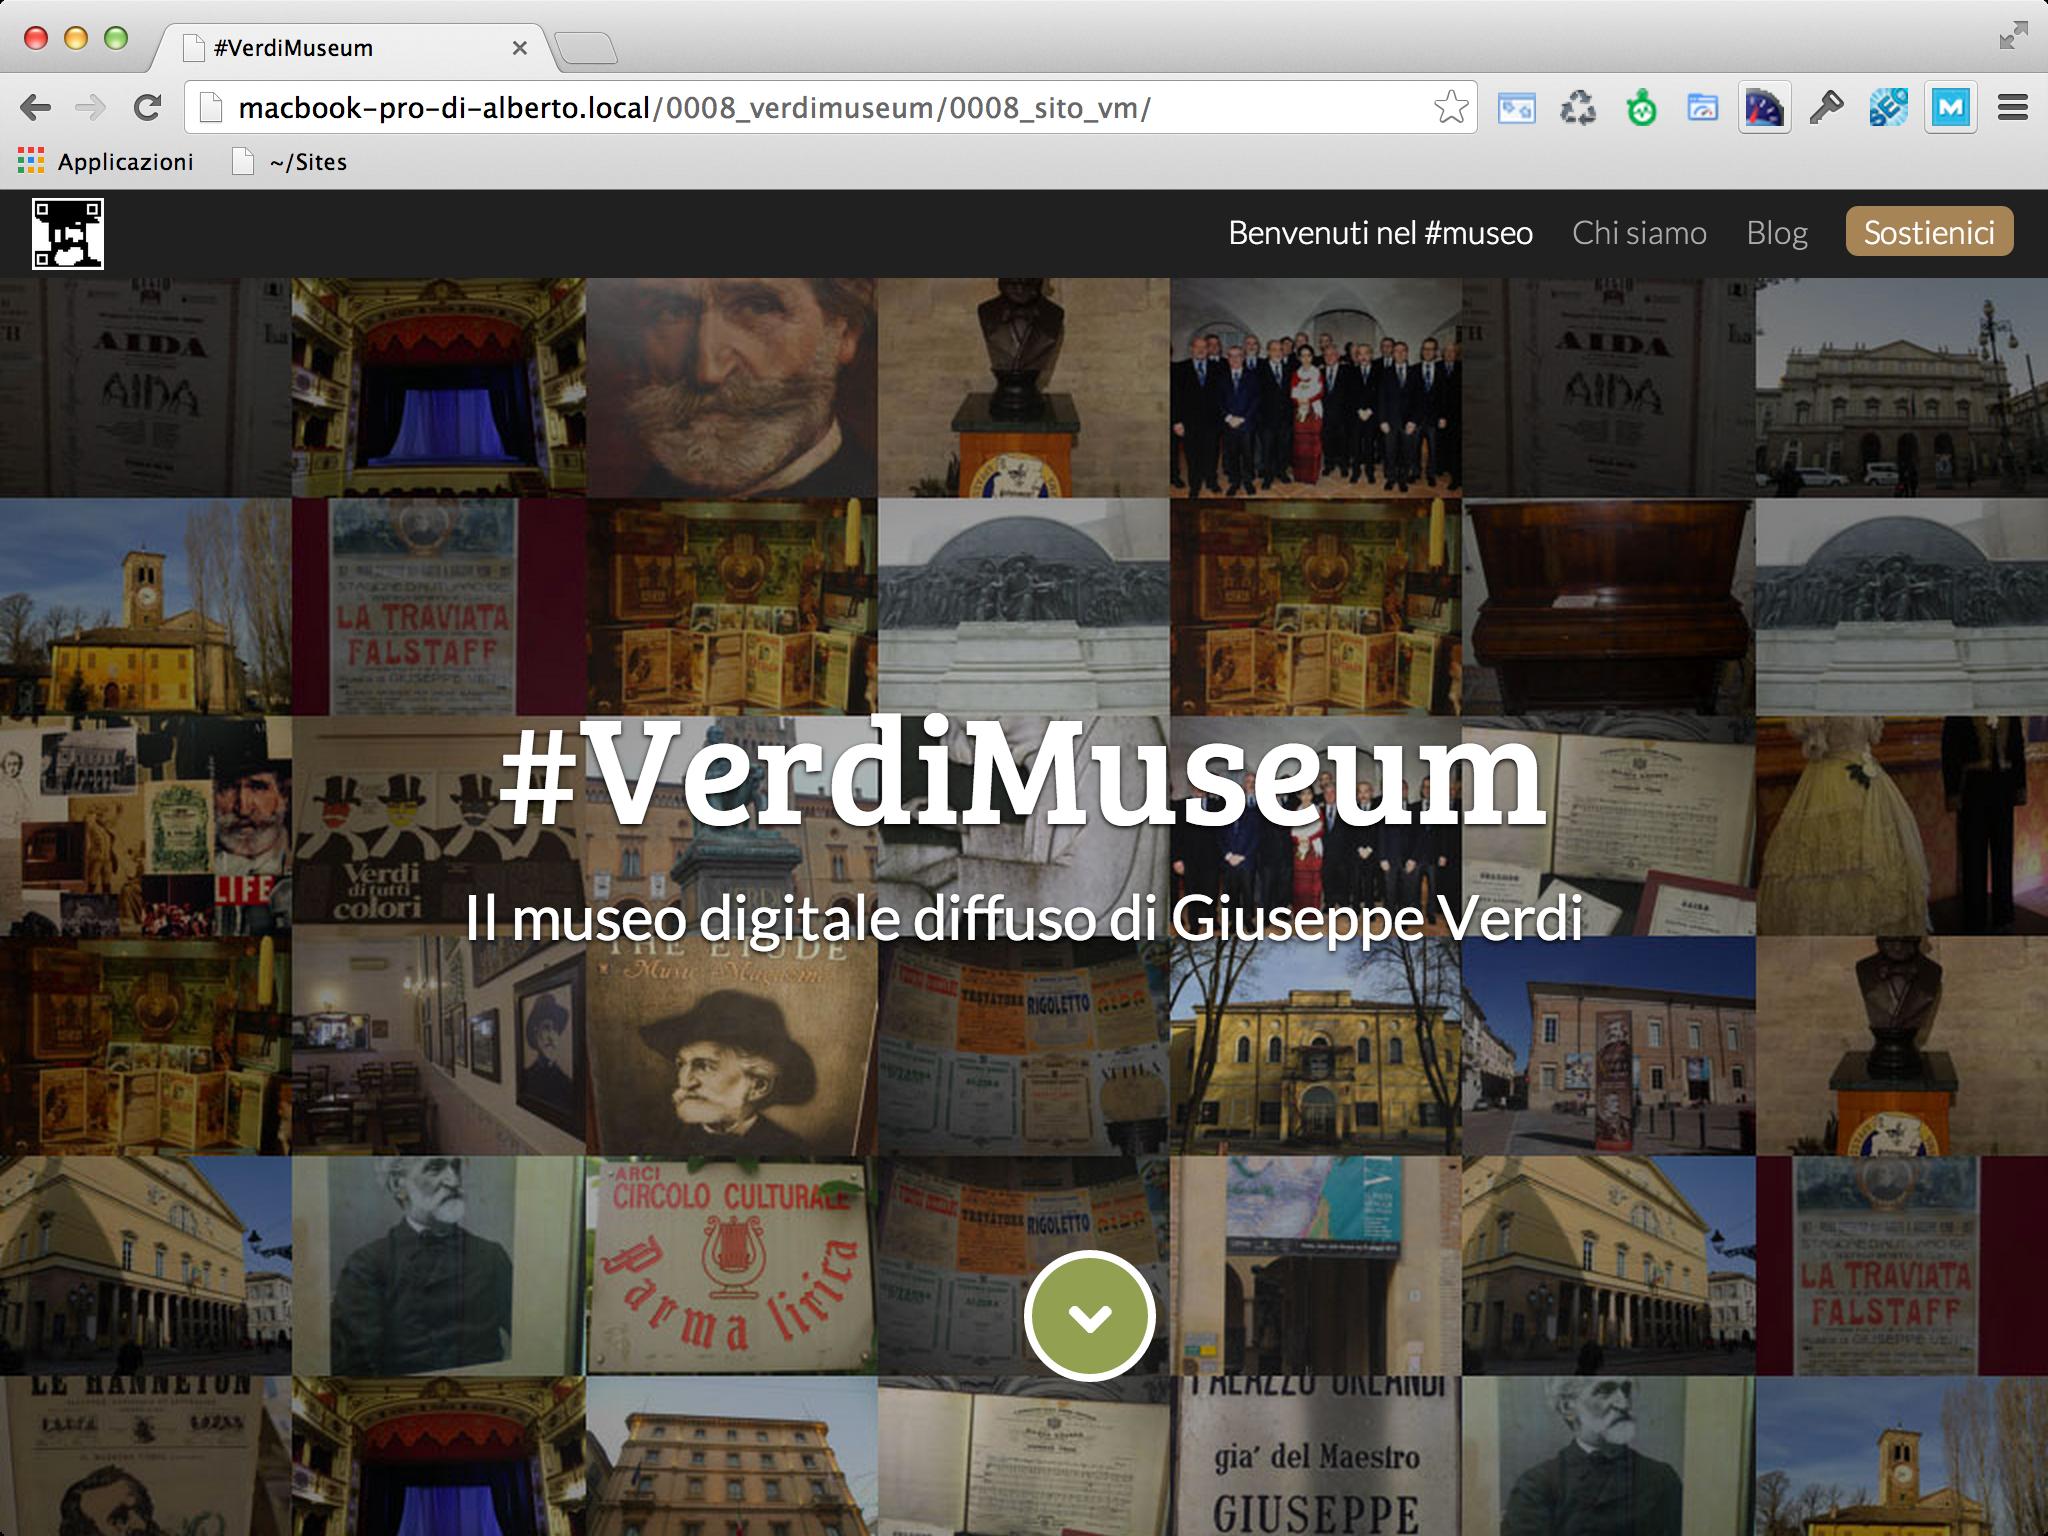 1444302413097816  23verdimuseum 203